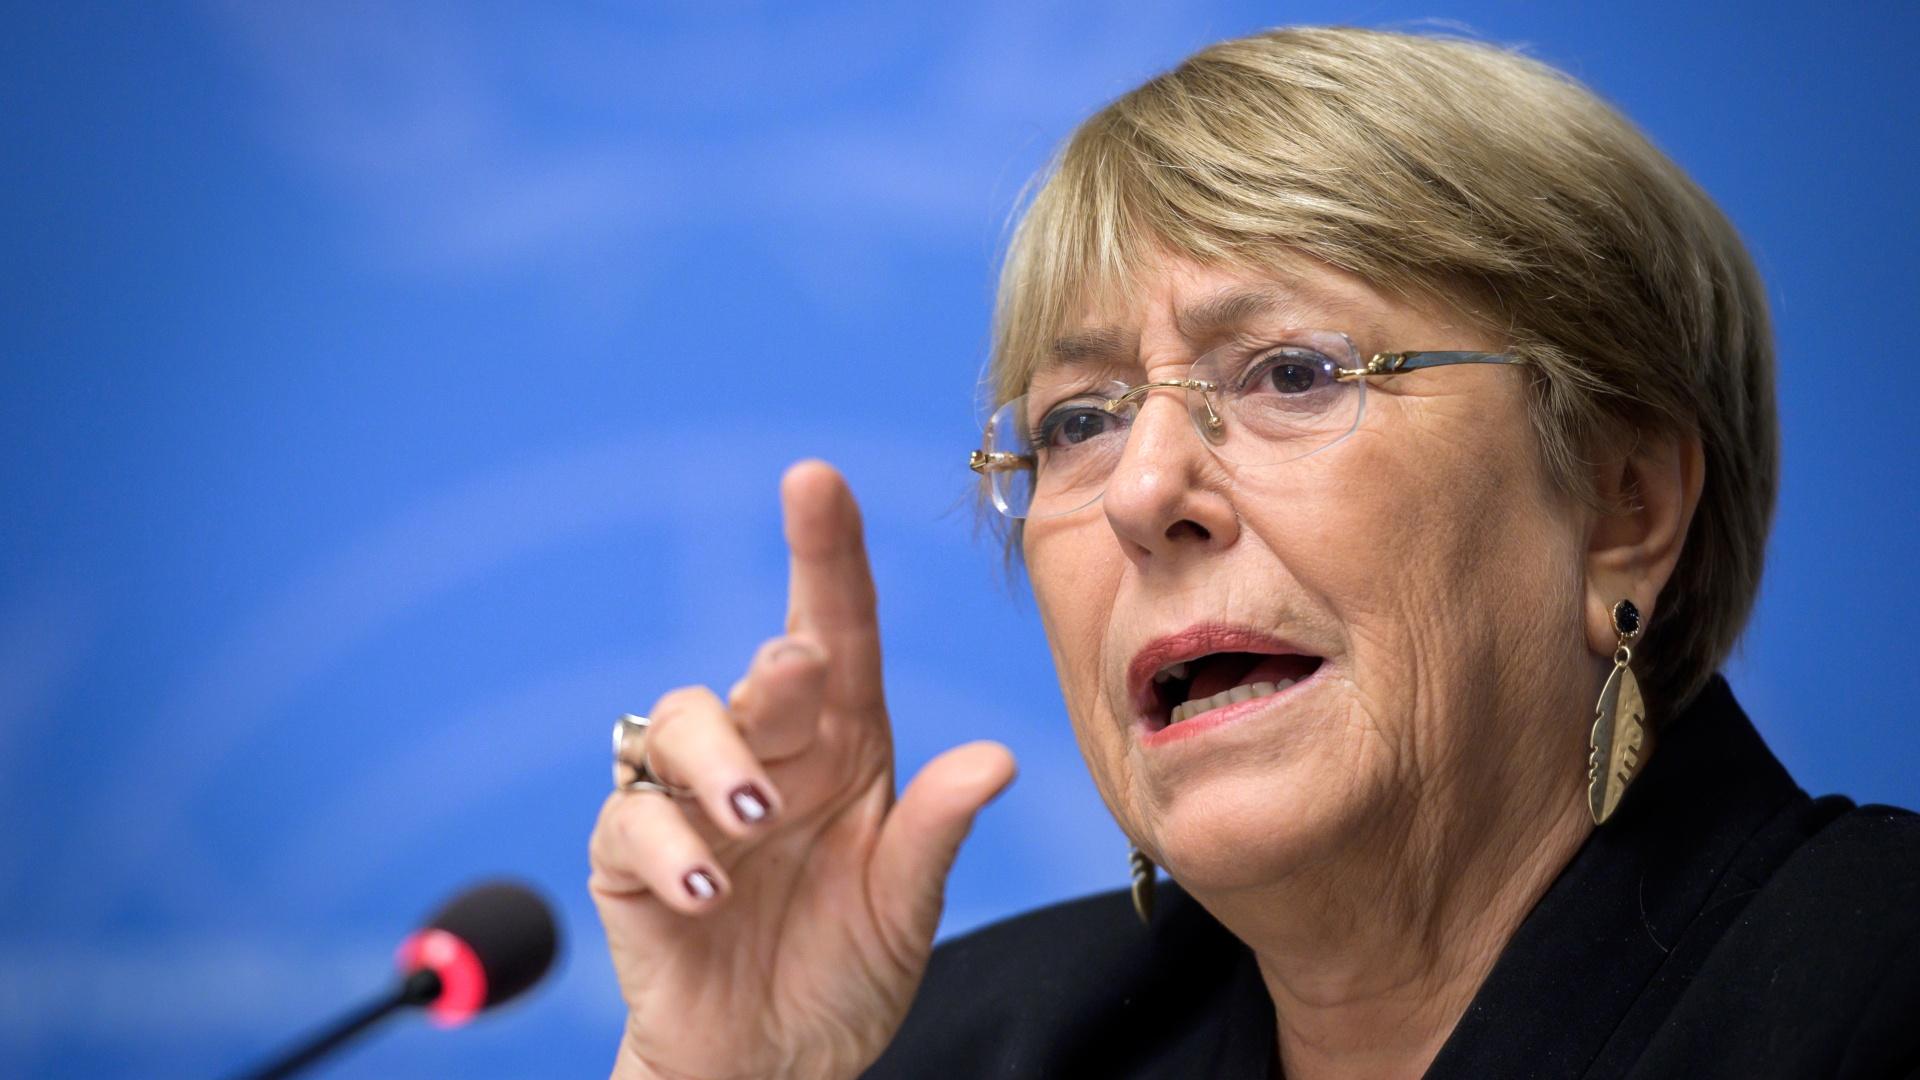 Bachelet pide flexibilizar sanciones a cambio de transparencia y permitir la entrada de organizaciones internacionales